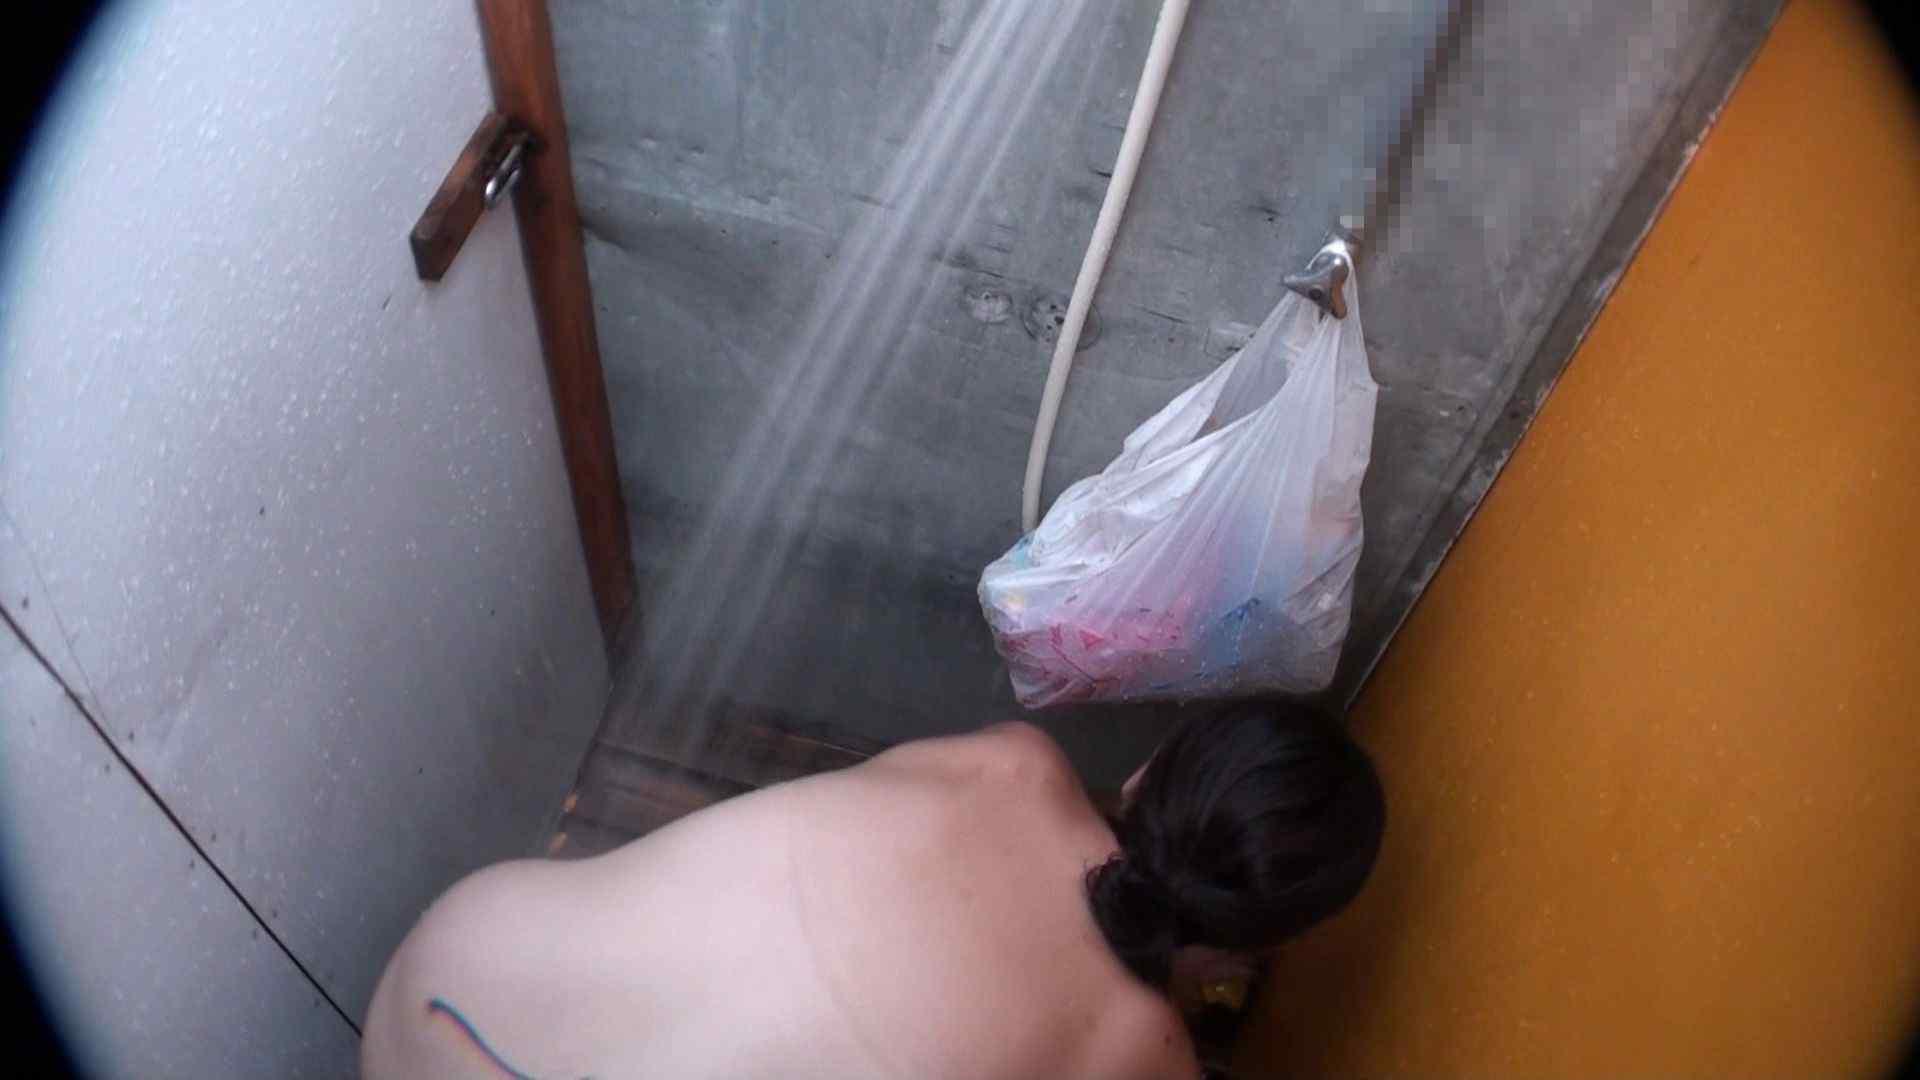 ハイビジョンシャワールームは超!!危険な香りVol.31 清楚なママのパンツはティーバック 脱衣所の着替え  103画像 54